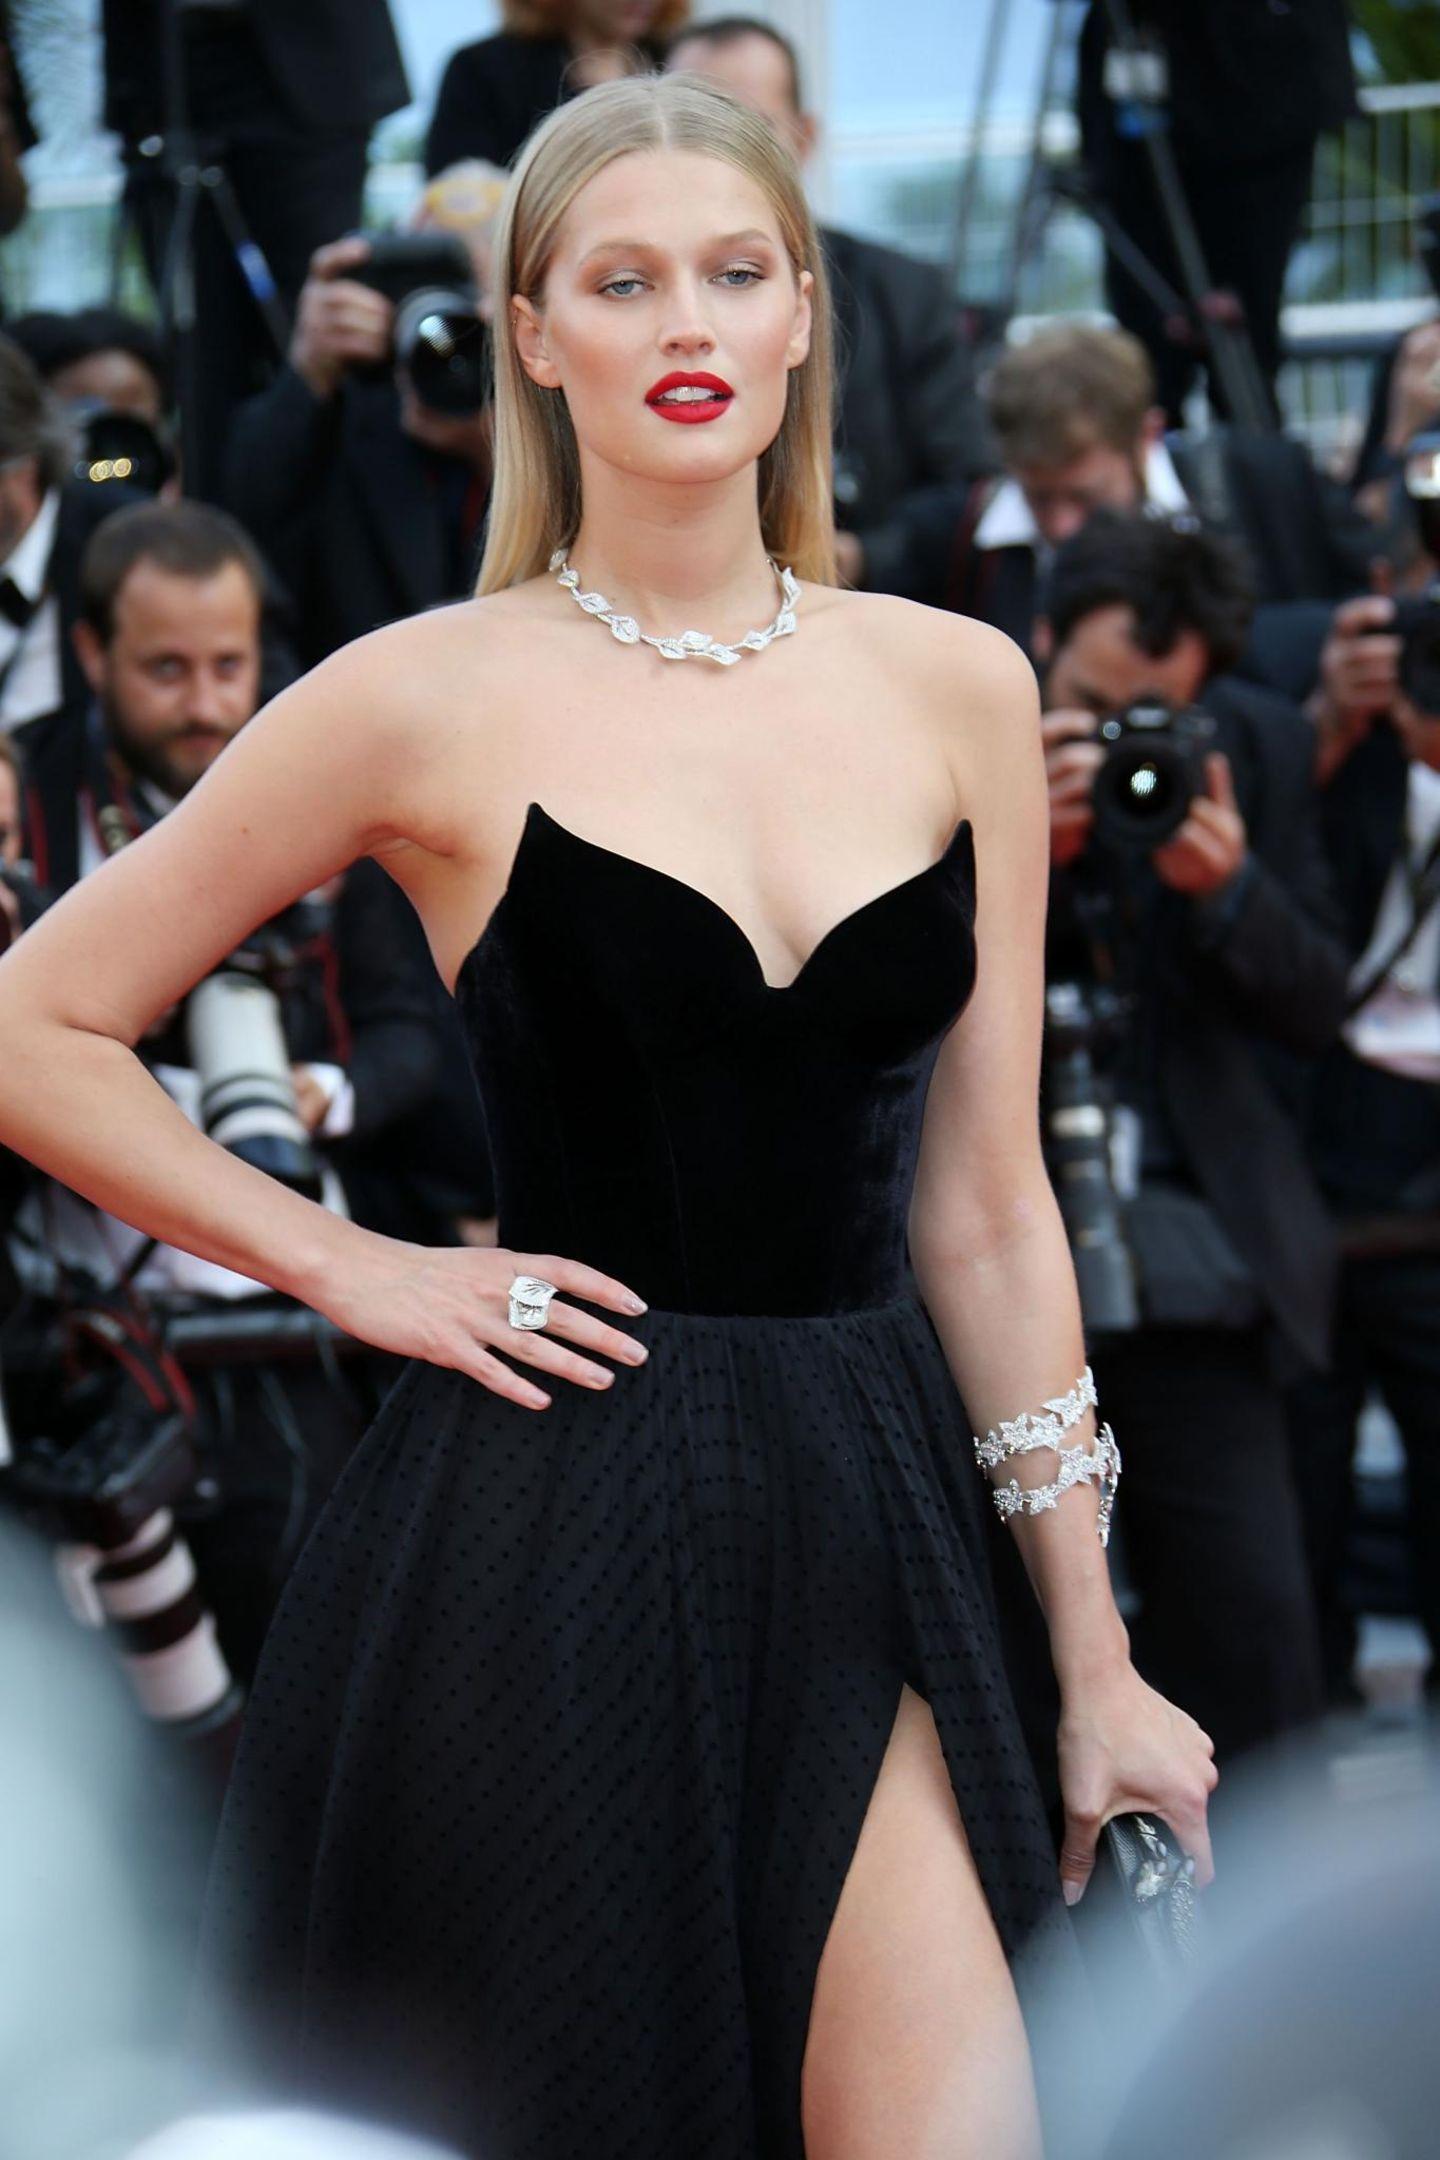 Auch Toni Garrn, das deutsche Supermodel, besucht die Filmfestspiele in Cannes.